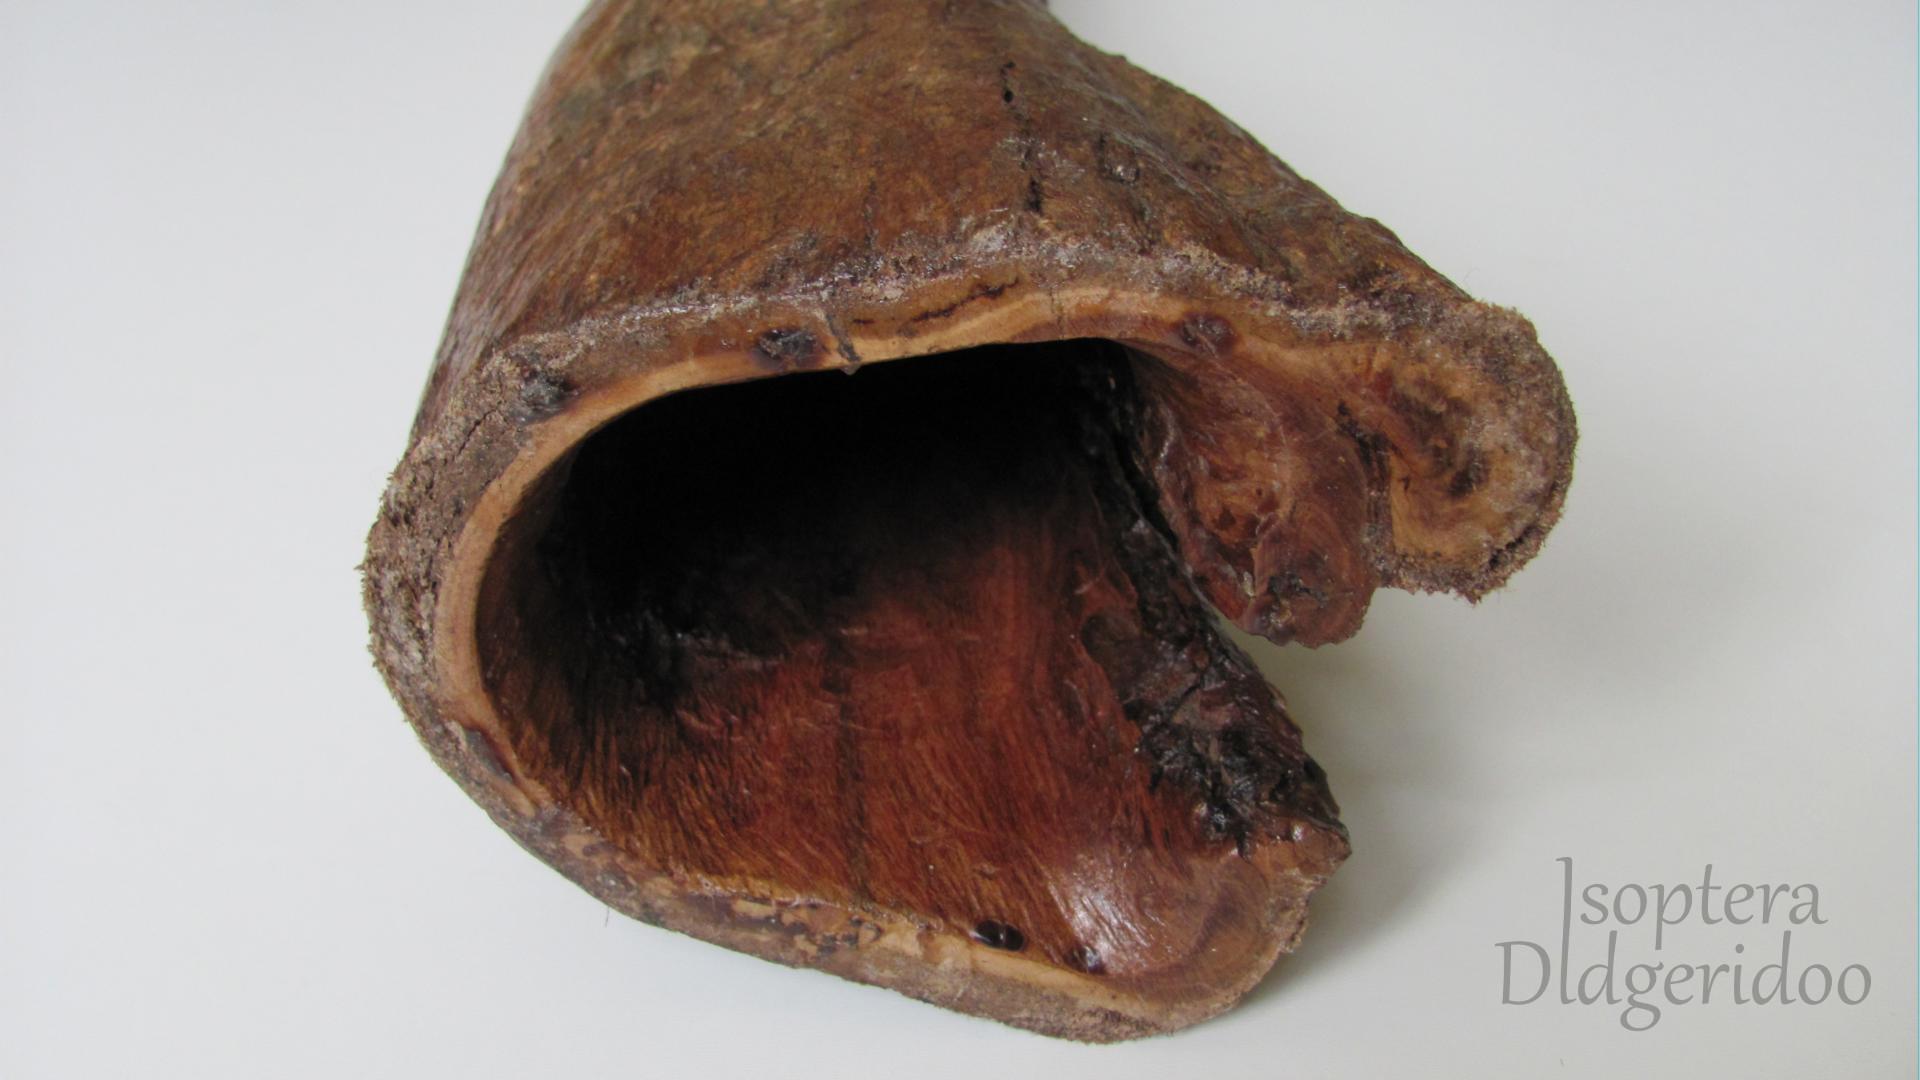 Boxwood Eucalyptus didgeridoo tölcsér ID-01B